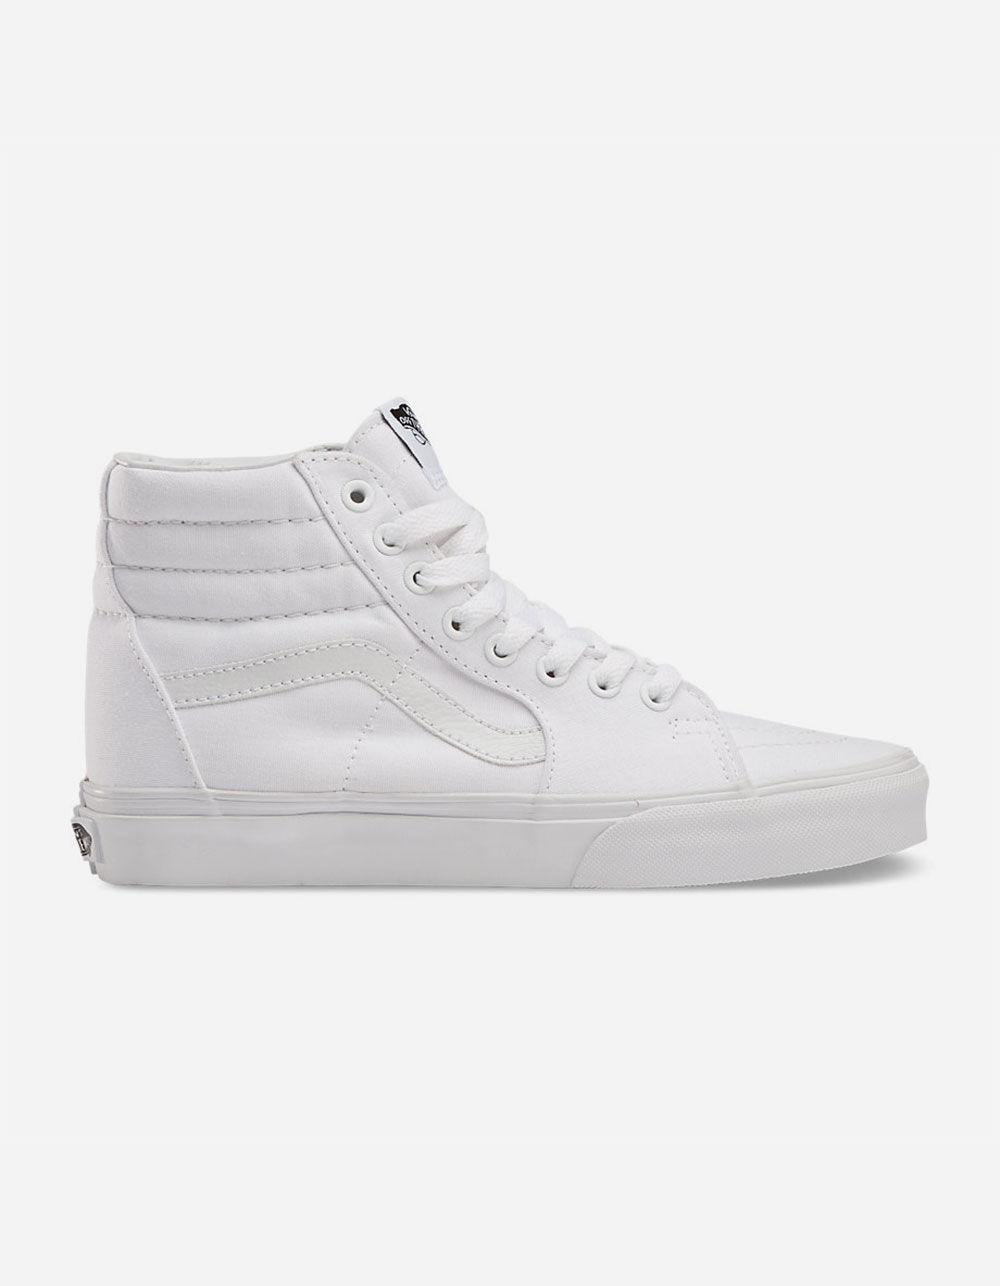 VANS CANVAS SK8-HI TRUE WHITE SHOES